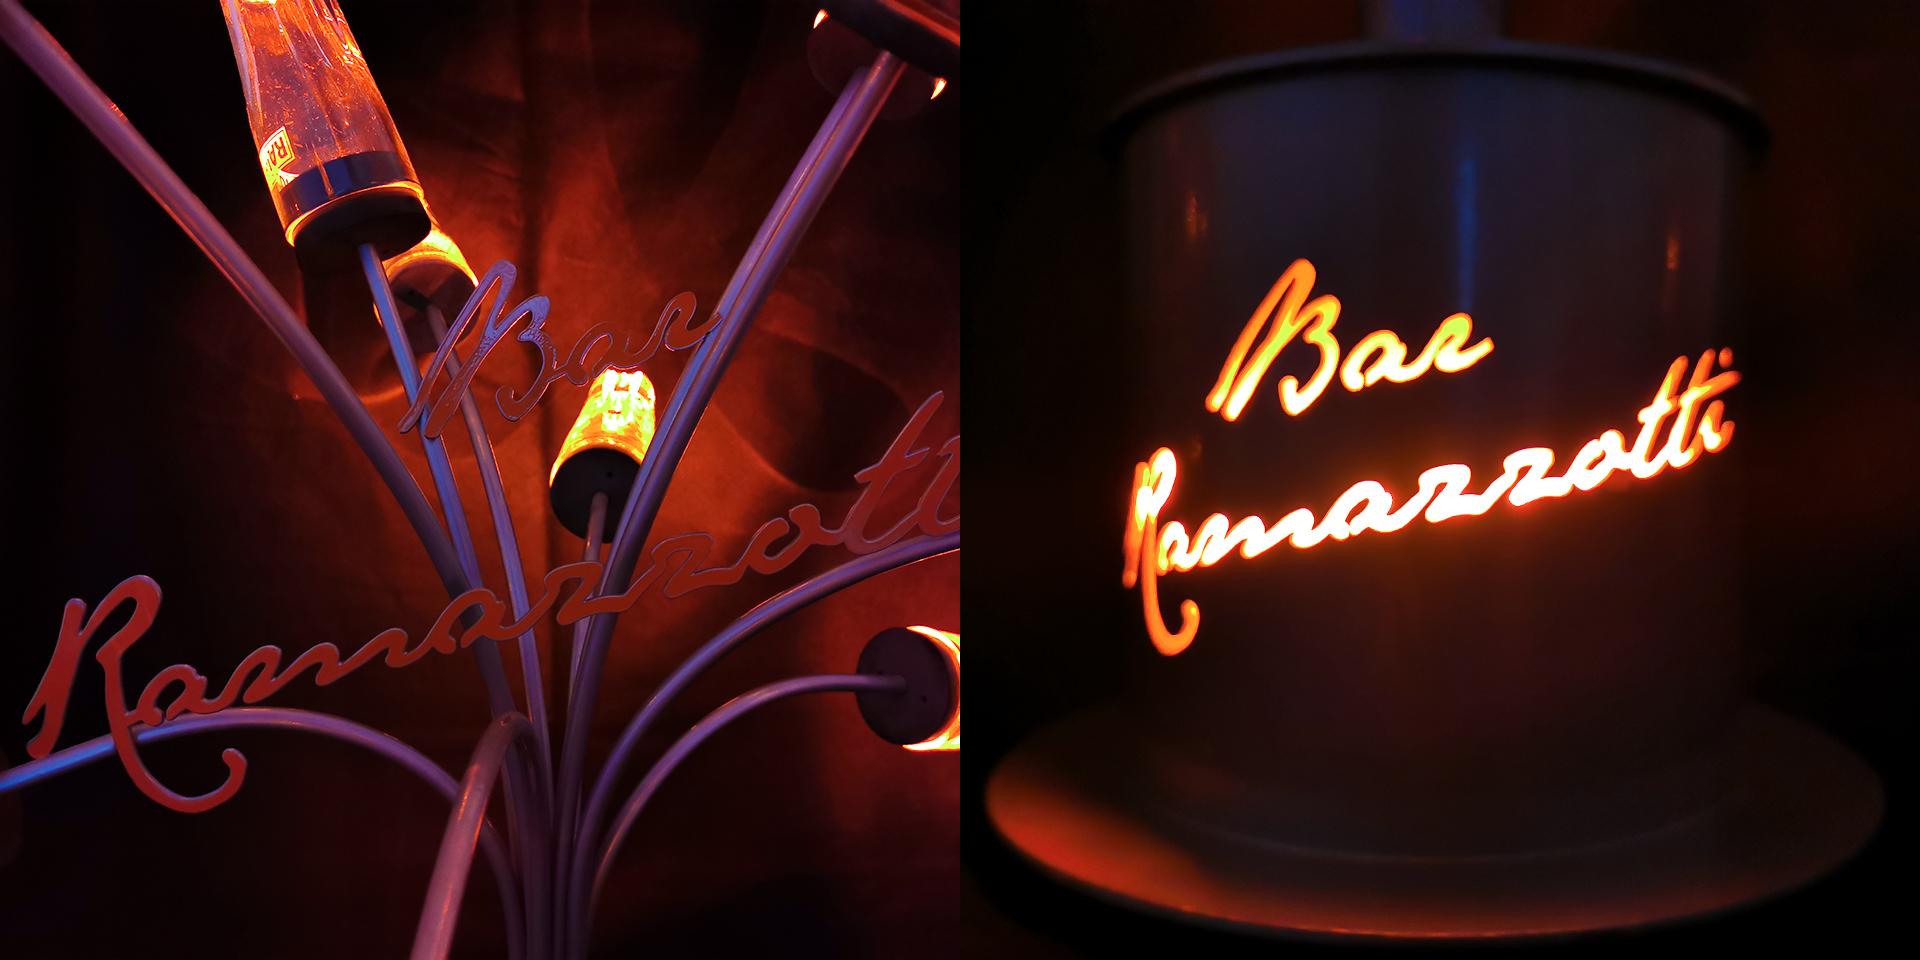 Ramazzotti - Lichtobjekt - Zweyloeven Werbeproduktion GmbH